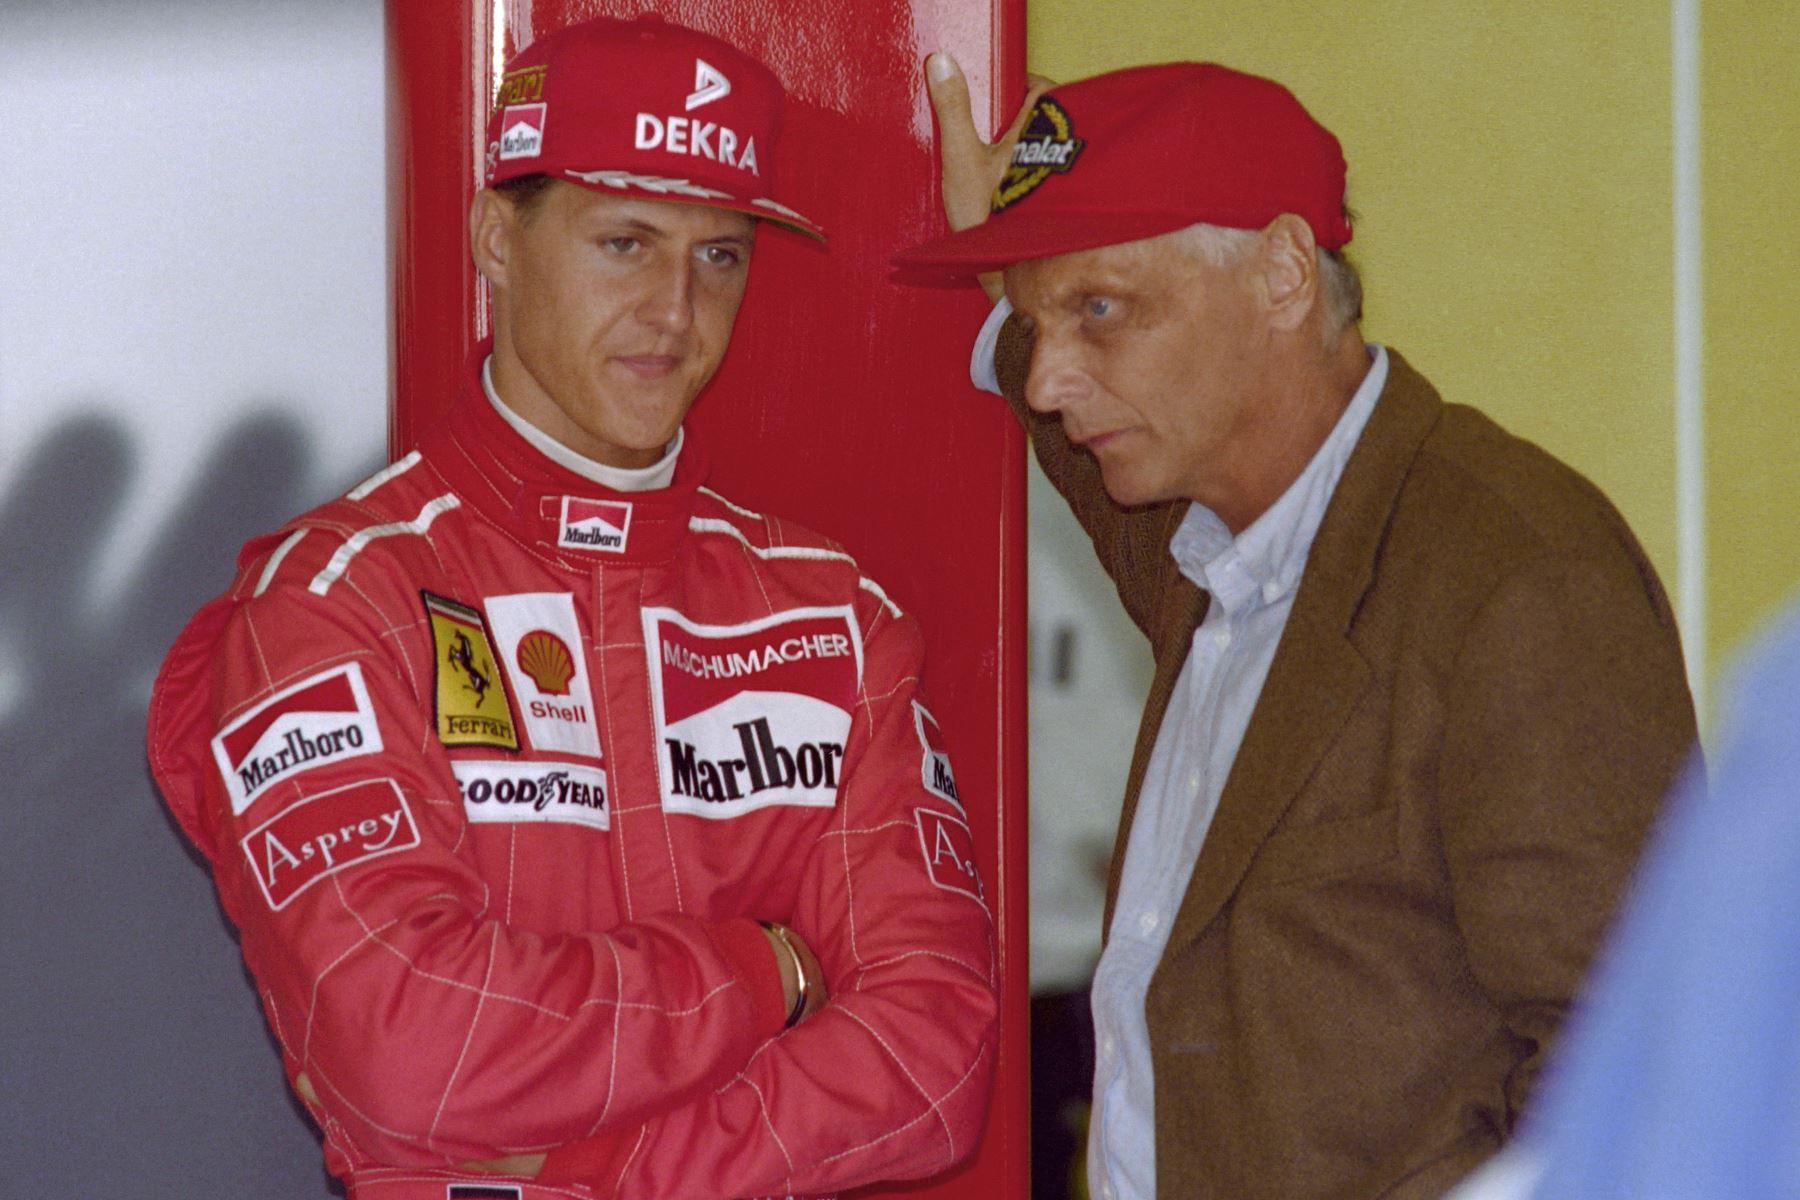 El piloto alemán Michael Schumacher habla con el ex piloto austriaco Niki Lauda durante el Gran Premio de Fórmula Uno de Australia el 7 de marzo de 1996 en Melbourne. Foto: AFP